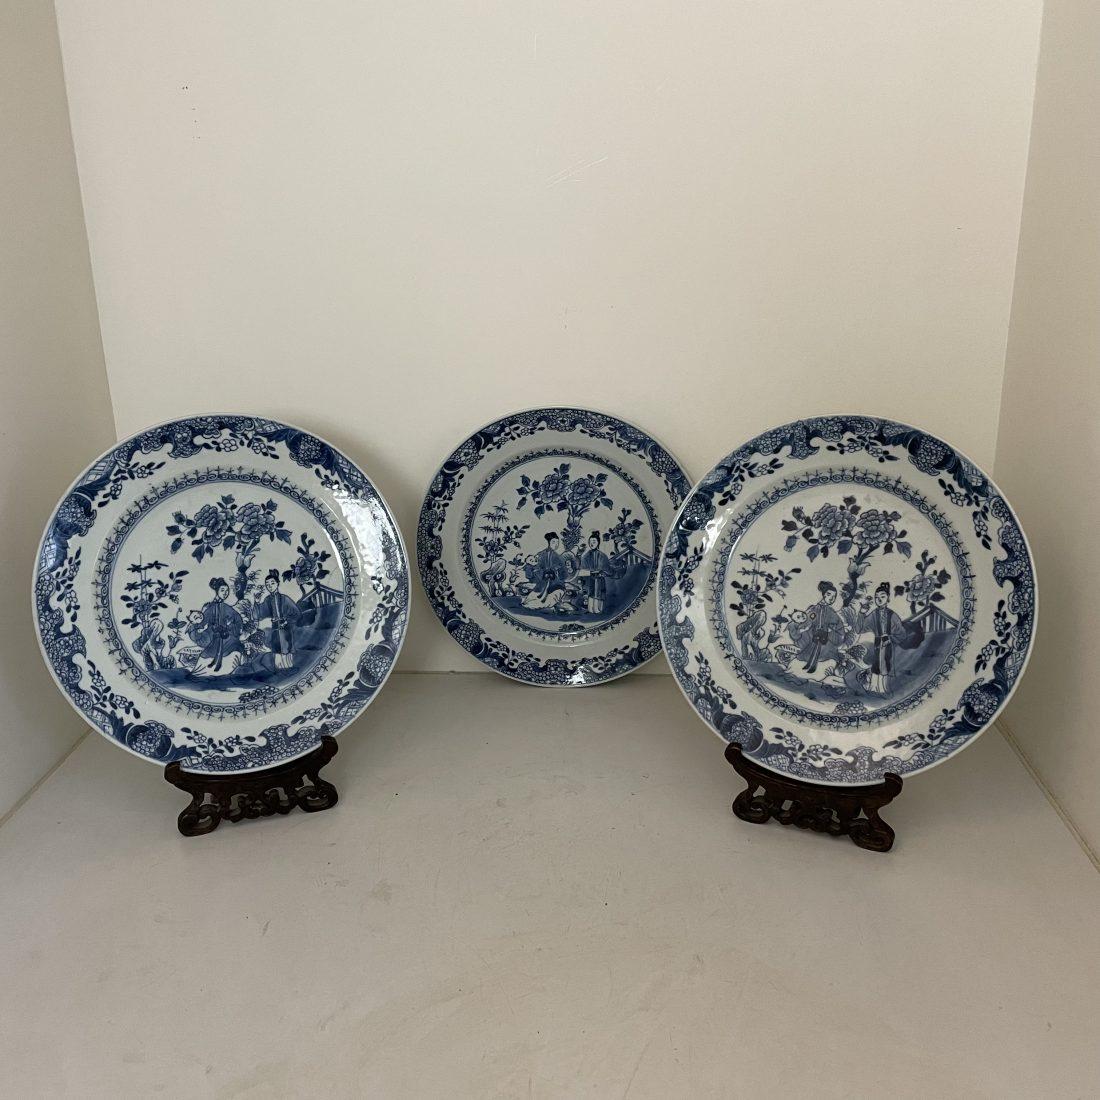 Blauw/wit porselein, 3 borden met twee dames en een baby in een tuin, Qianlong (1736-1795)